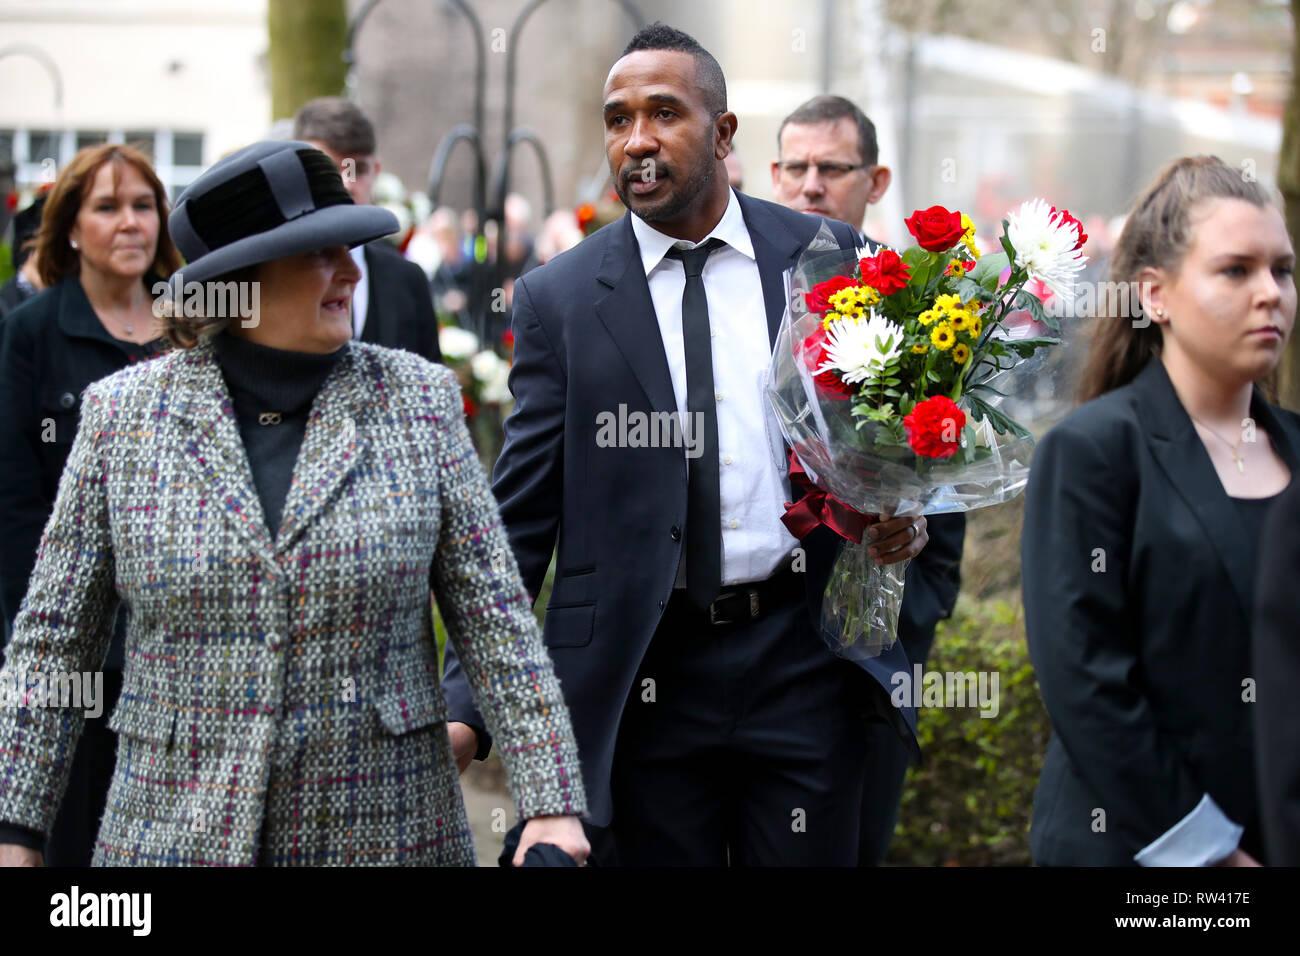 Footballer Ricardo Fuller during the funeral service for Gordon Banks at Stoke Minster. - Stock Image